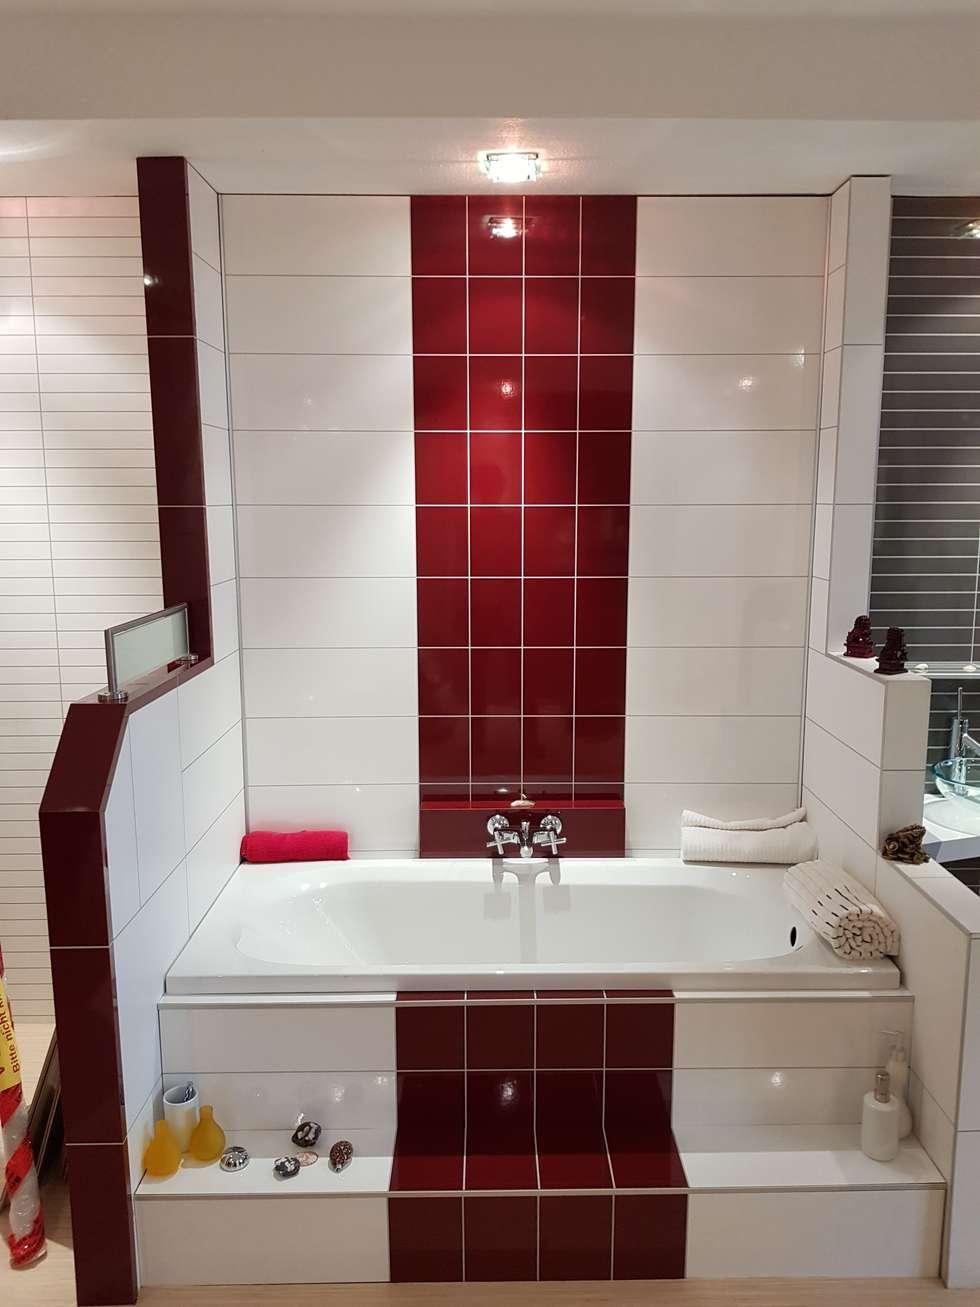 Ausstellung Bad Und Dusche Klassische Badezimmer Von Respatex Homify - Badezimmer ausstellung